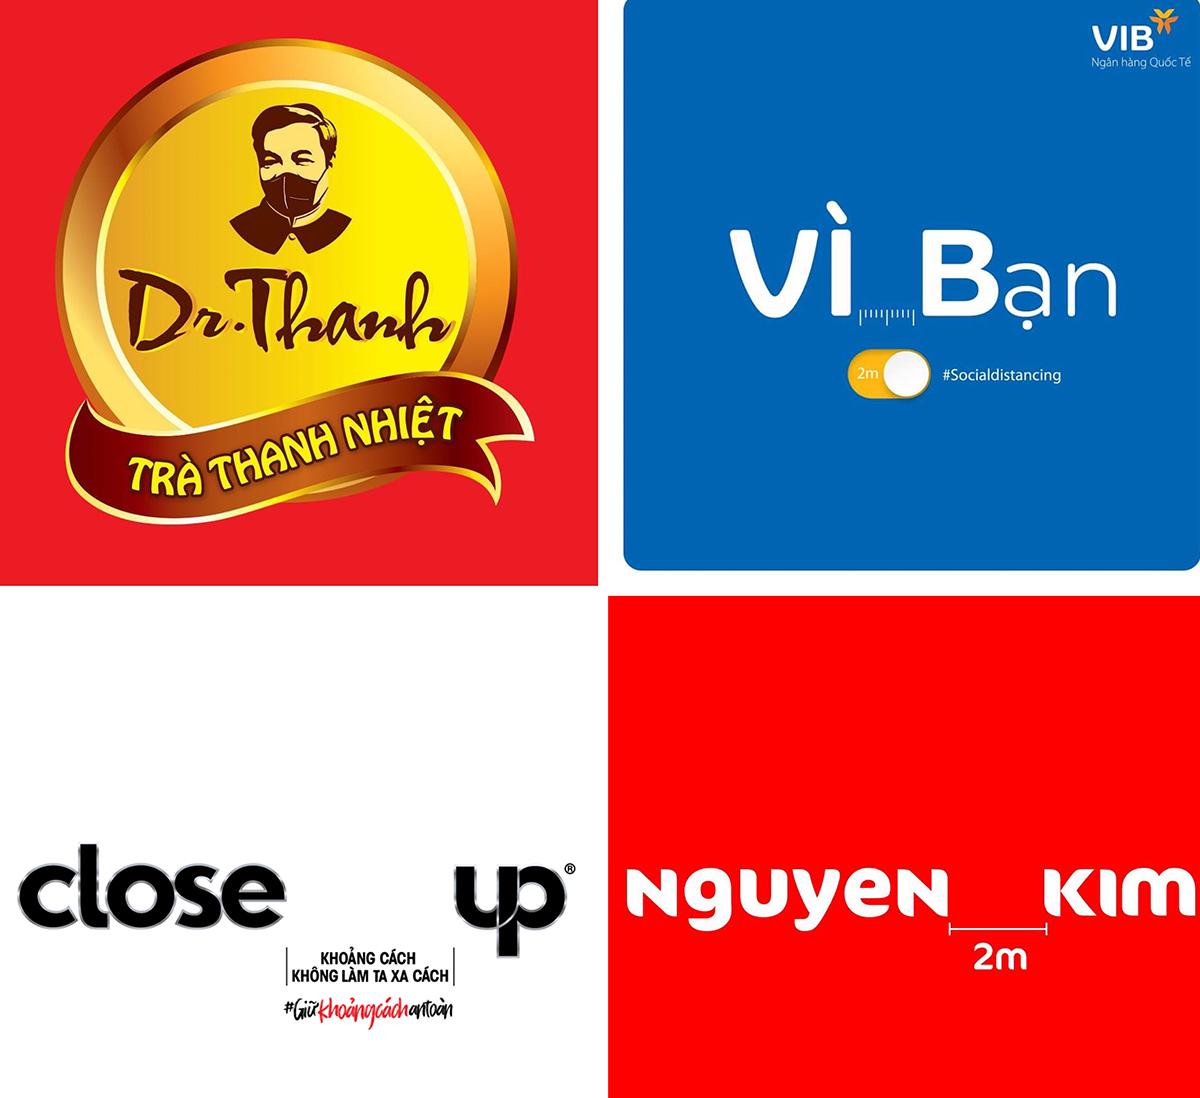 Đua thiết kế lại logo cổ vũ cách biệt cộng đồng - ảnh 4